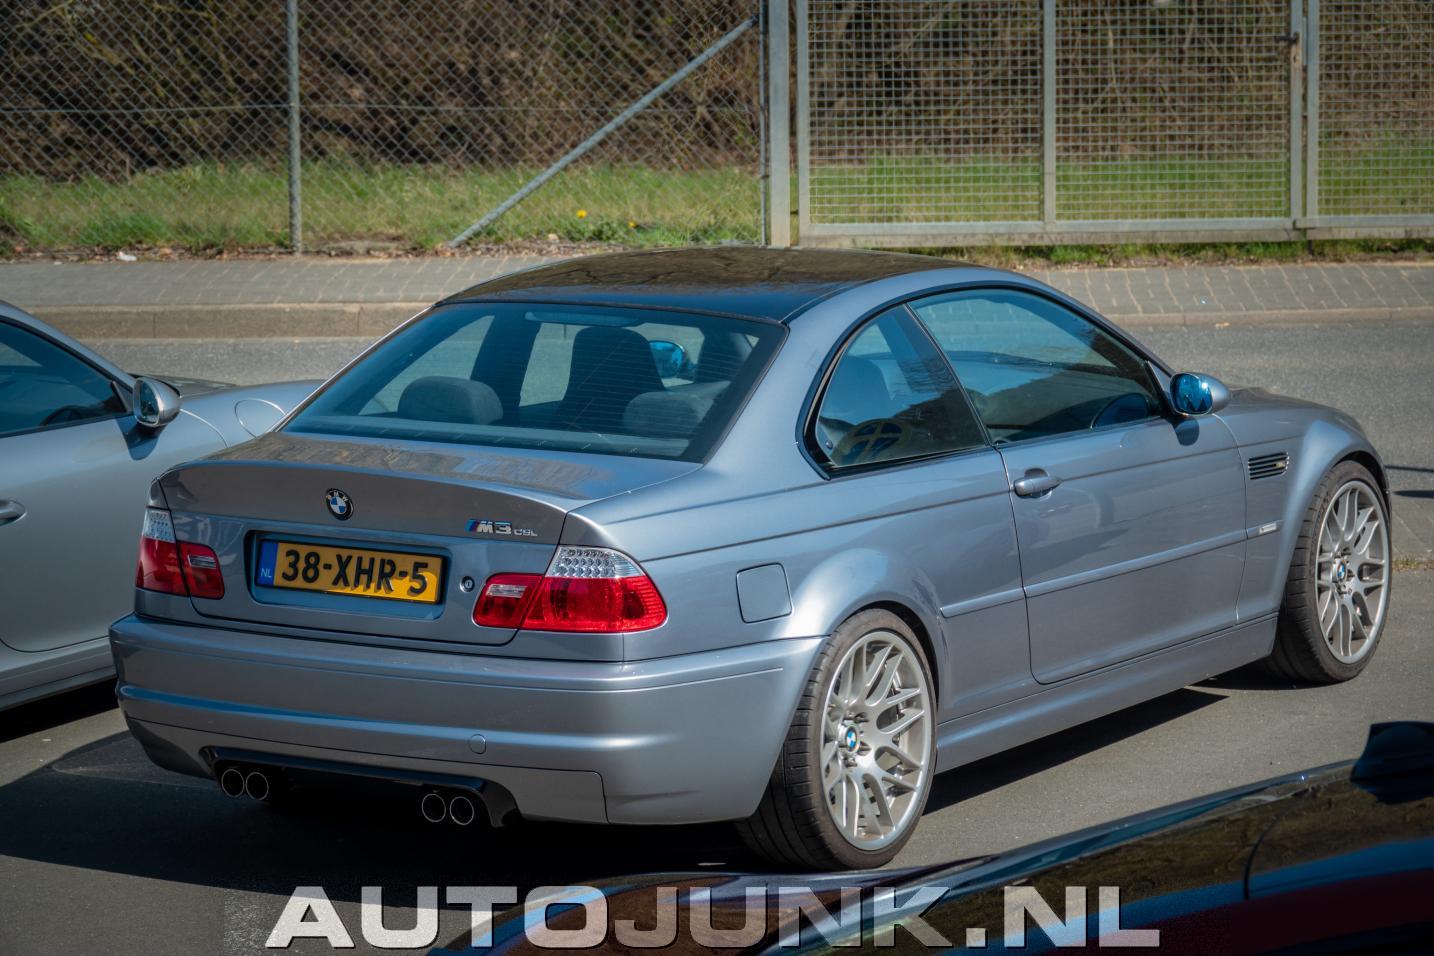 BMW M3CSL foto's » Autojunk.nl (237456)